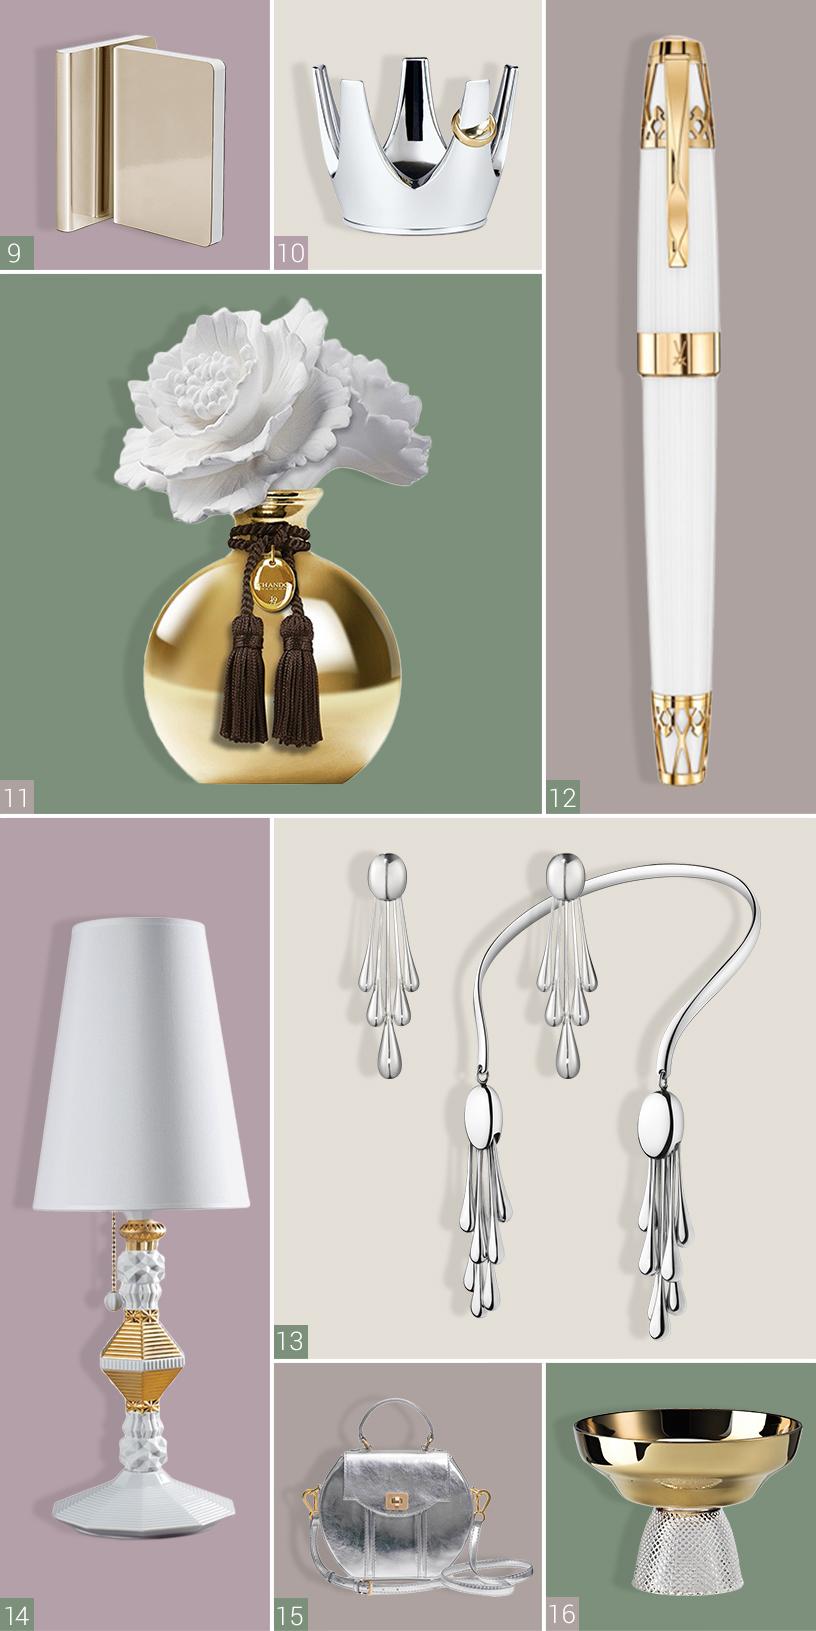 Man sieht acht Produkte verschiedener Hersteller. Oben links im Bild sieht man goldene Notizbücher von Nuuna. Daneben sieht man einen silbernen Schmuckhalter in Form einer Krone von Philippi. Darunter befindet sich ein goldener Raumduft von Chando. Daneben sieht man einen gold-weißen Füllfederhalter von Meissen. Darunter ist ein Halsreif und Ohrringe von Georg Jensen zu erkennen. Links daneben befindet sich eine gold-weiße Tischlampe von Lladró. Daneben ist eine silberne Tasche von Aly Shea abgebildet und daneben sieht man eine goldene Schale von Rosenthal.